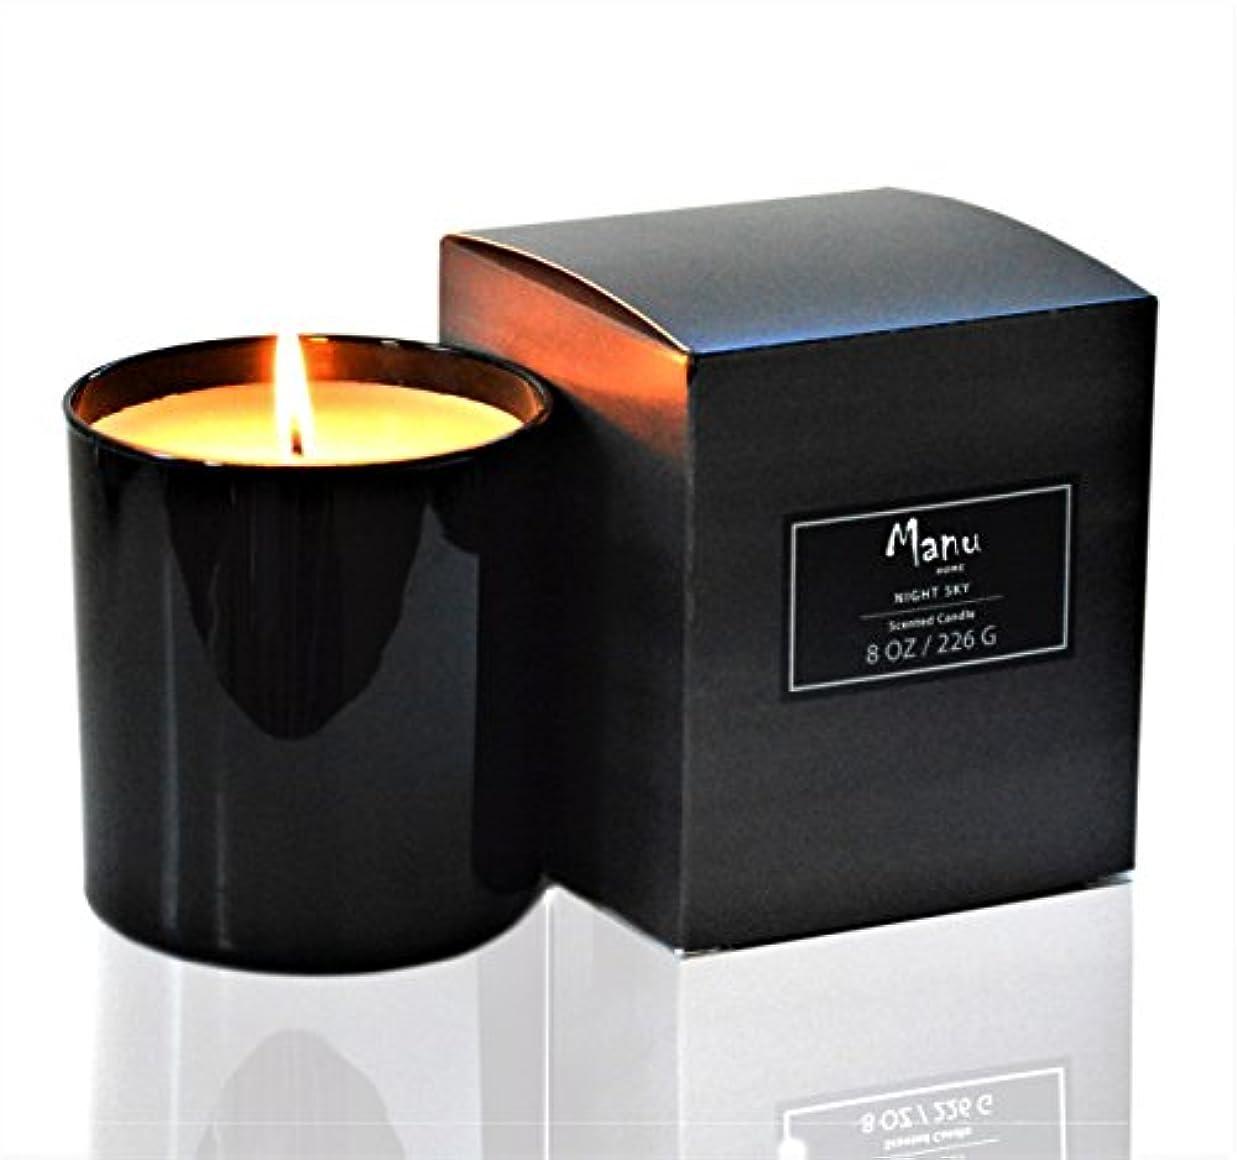 うまくやる()資格情報見捨てられたCyber Week Special 。ManuホームNight Sky Scented Candle ~ A Refreshingライトの香りジャスミン、スエードとホワイトFrangipani ~ソフト香り~ Soothing...